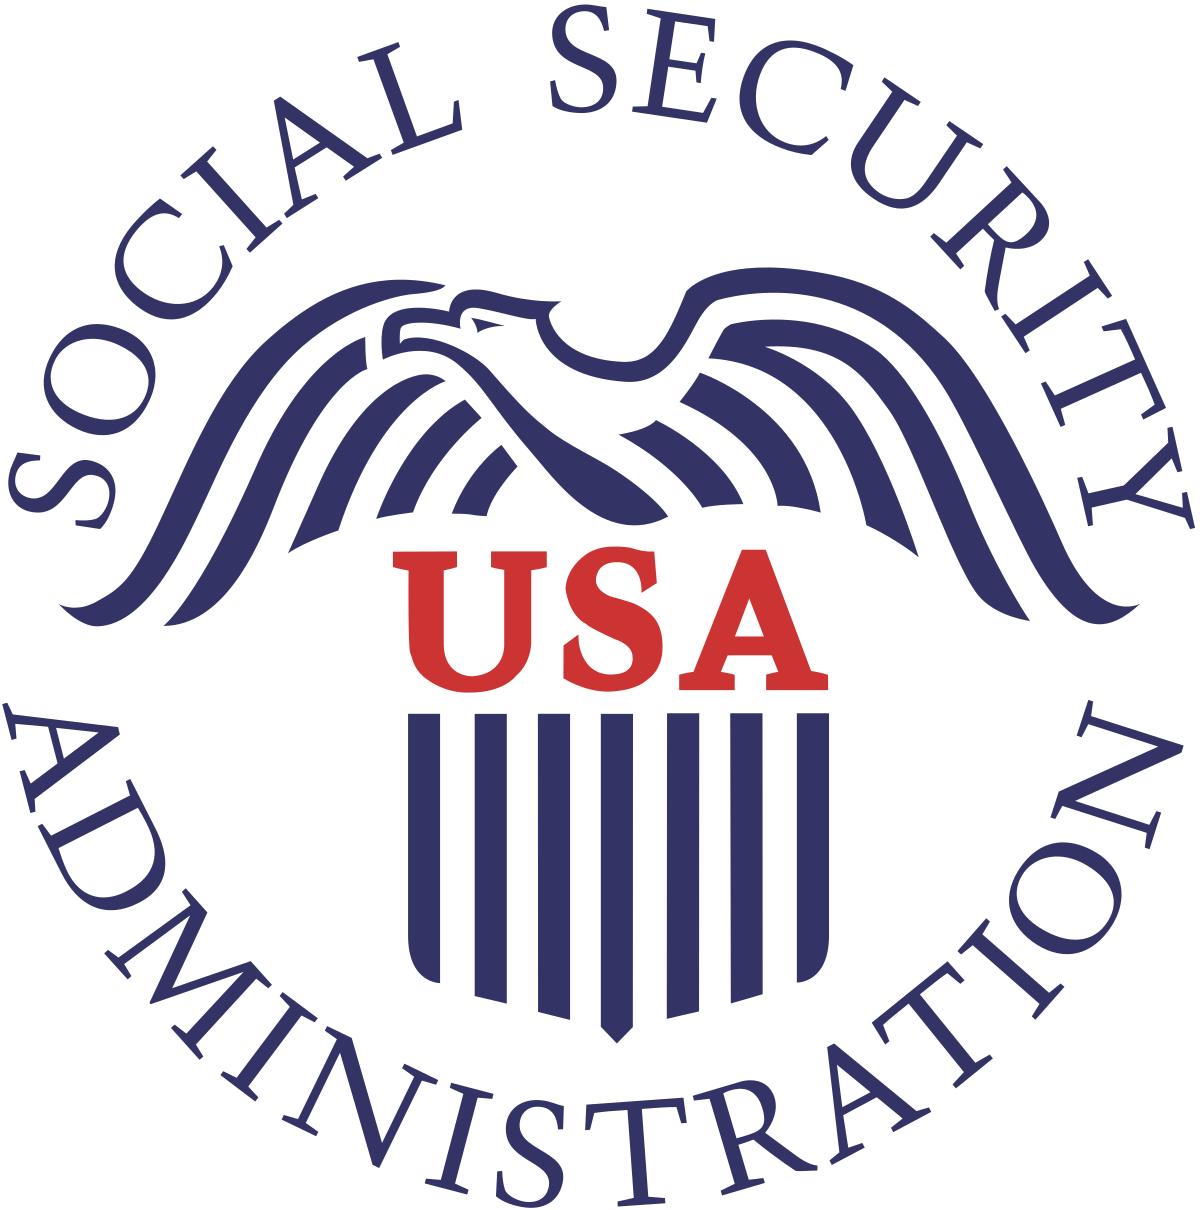 Administración de Seguro Social Anuncia que continúan Asistiendo a la Ciudadanía Durante la Actual Pandemia